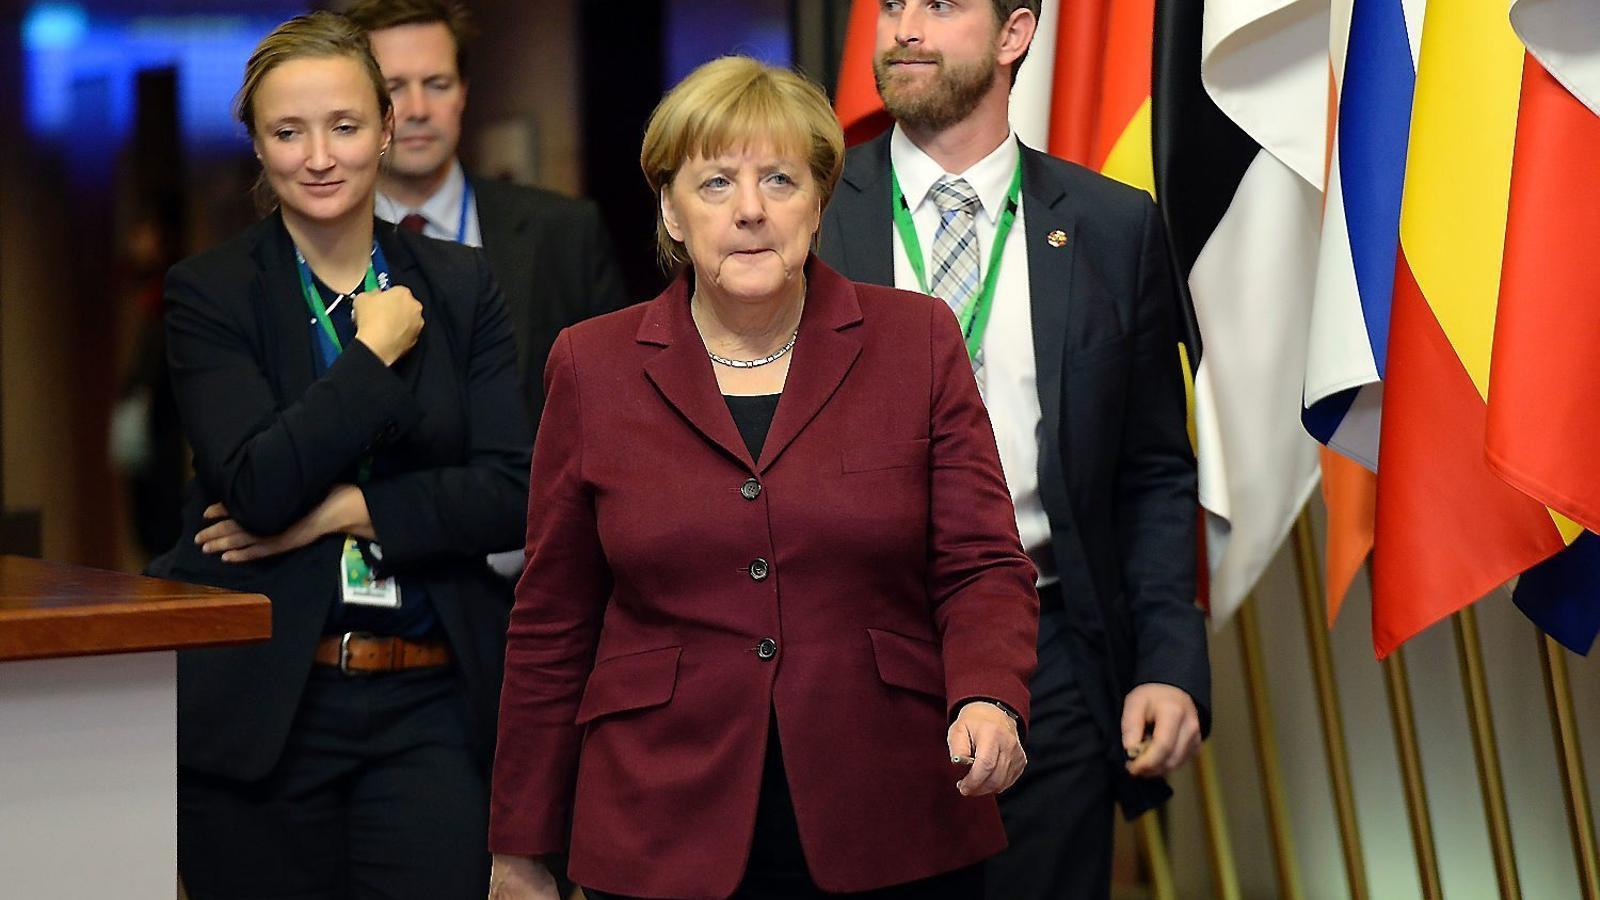 сегодняшний день сурков и меркель фото считают, что виде